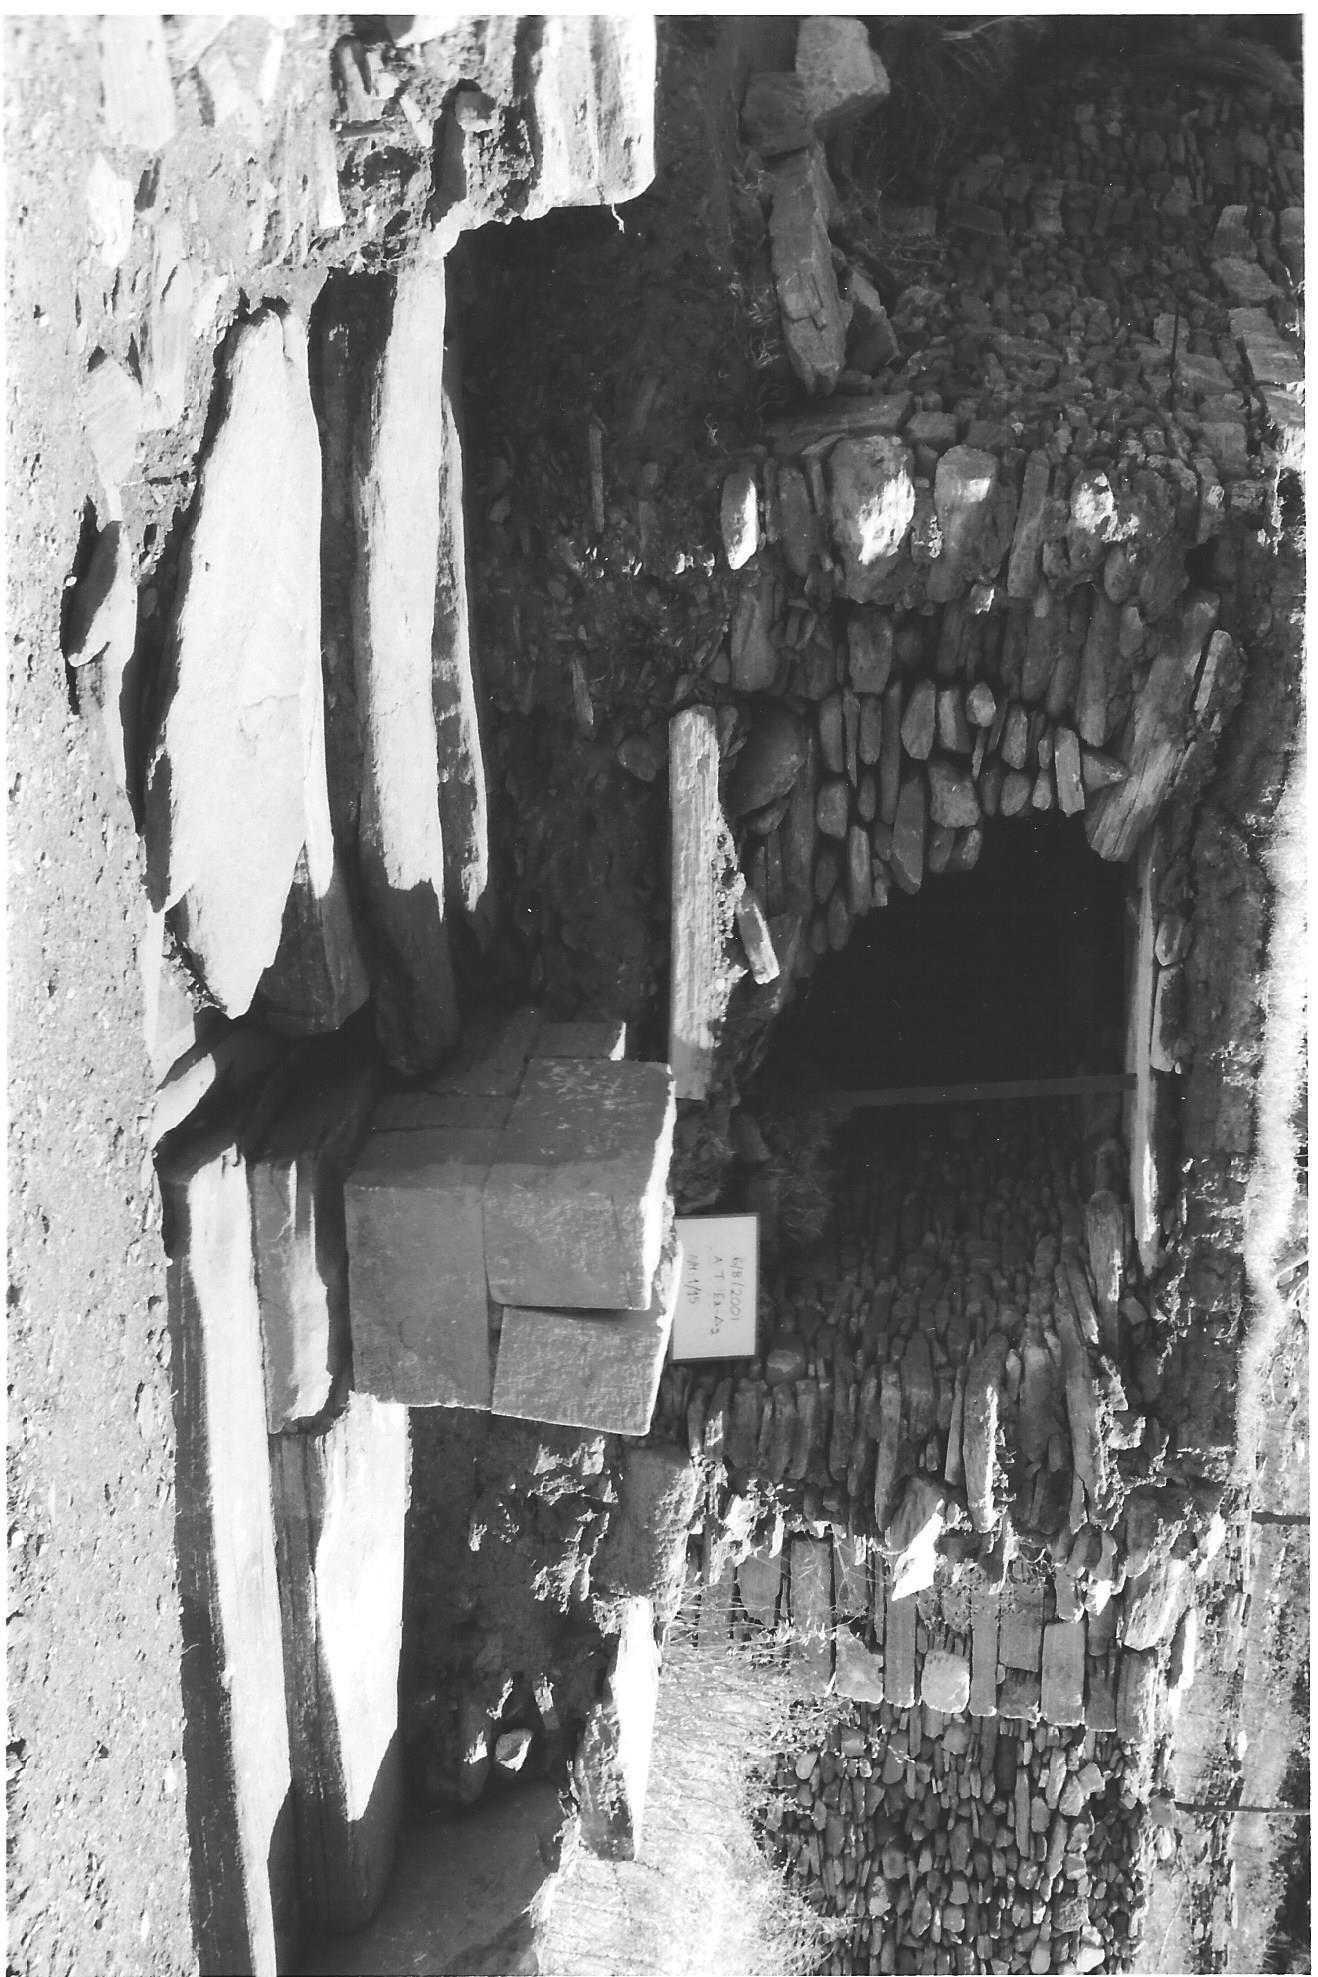 2001, άνω άνδηρο, ο δυτικός τοίχος της στοάς Γ και ο δρόμος ΙΙ